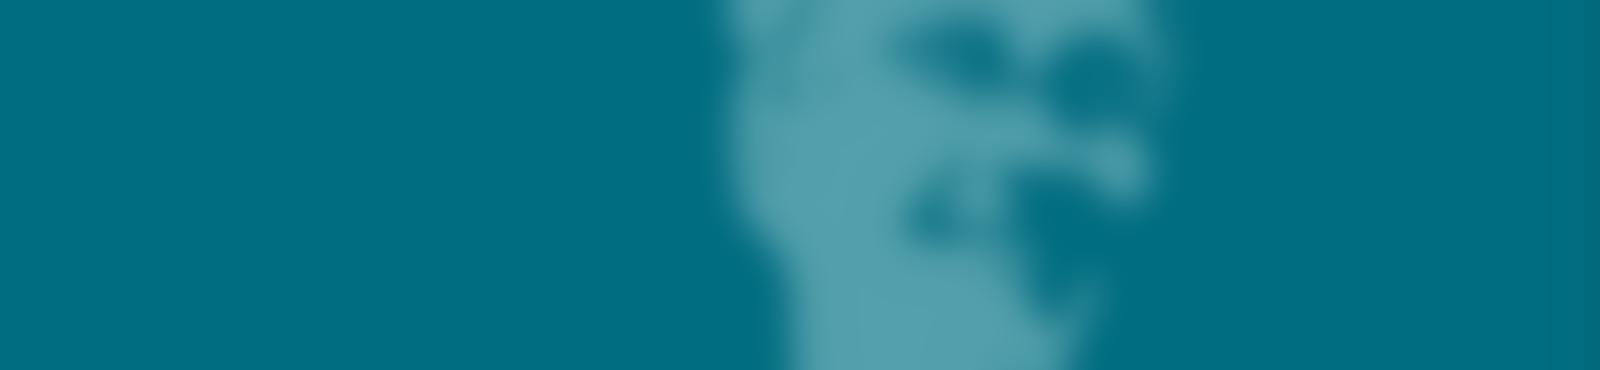 Blurred 95539757 446c 4f50 b0a8 c676dfa6f17e